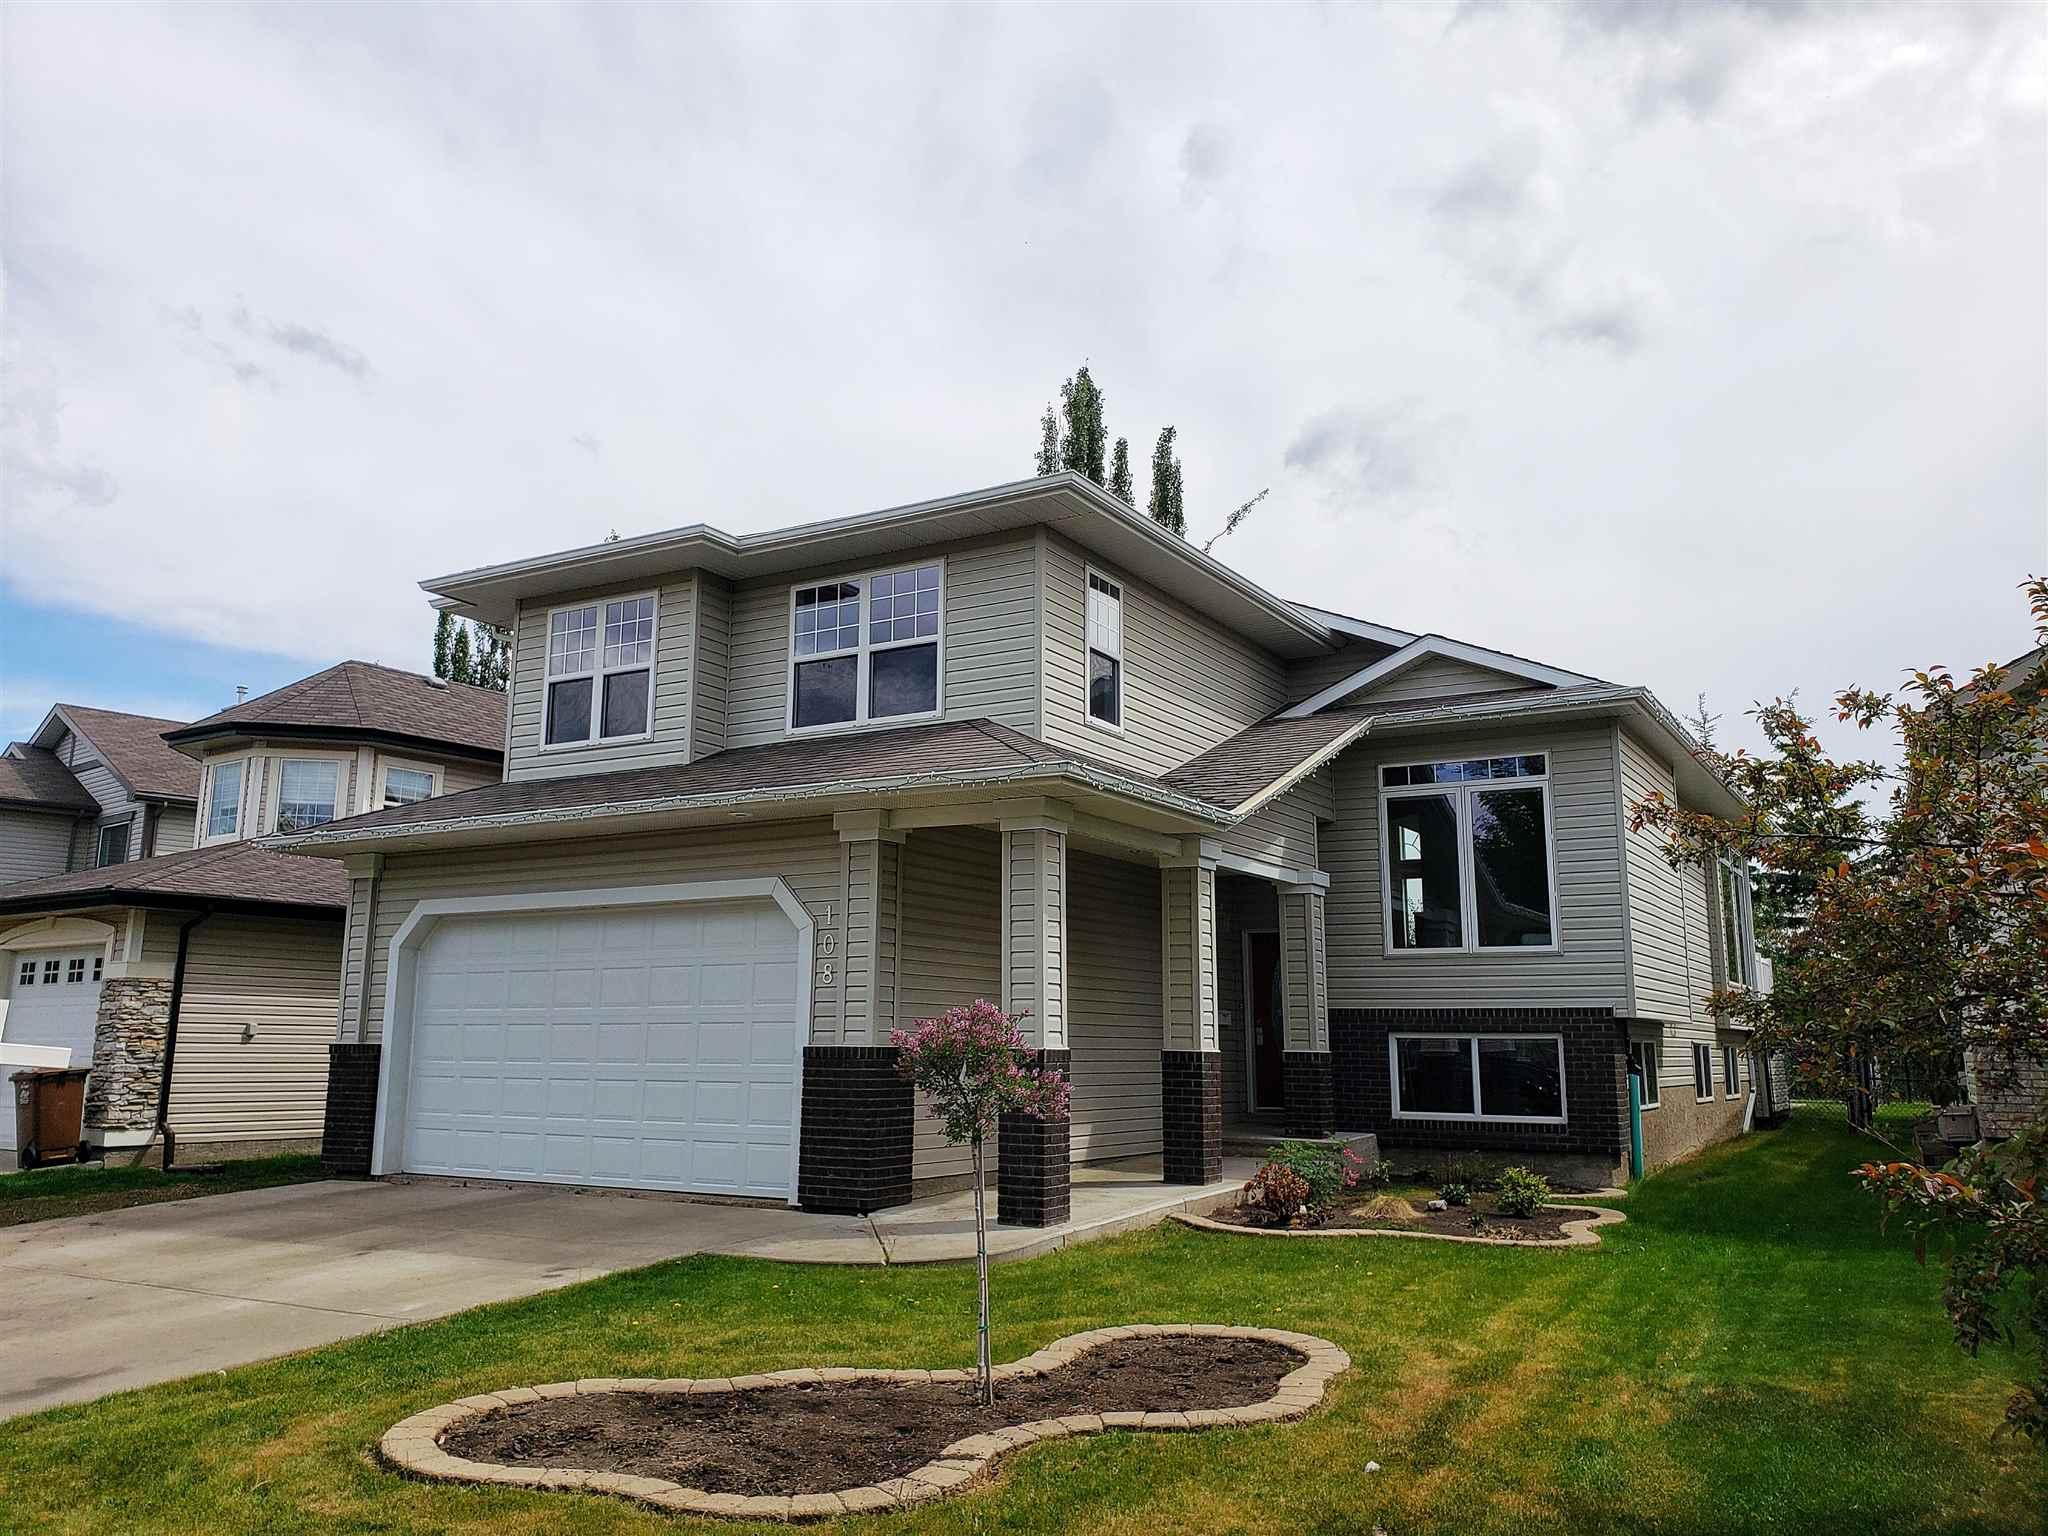 108 Erin Ridge Drive, St. Albert, Alberta, T8N 7B3